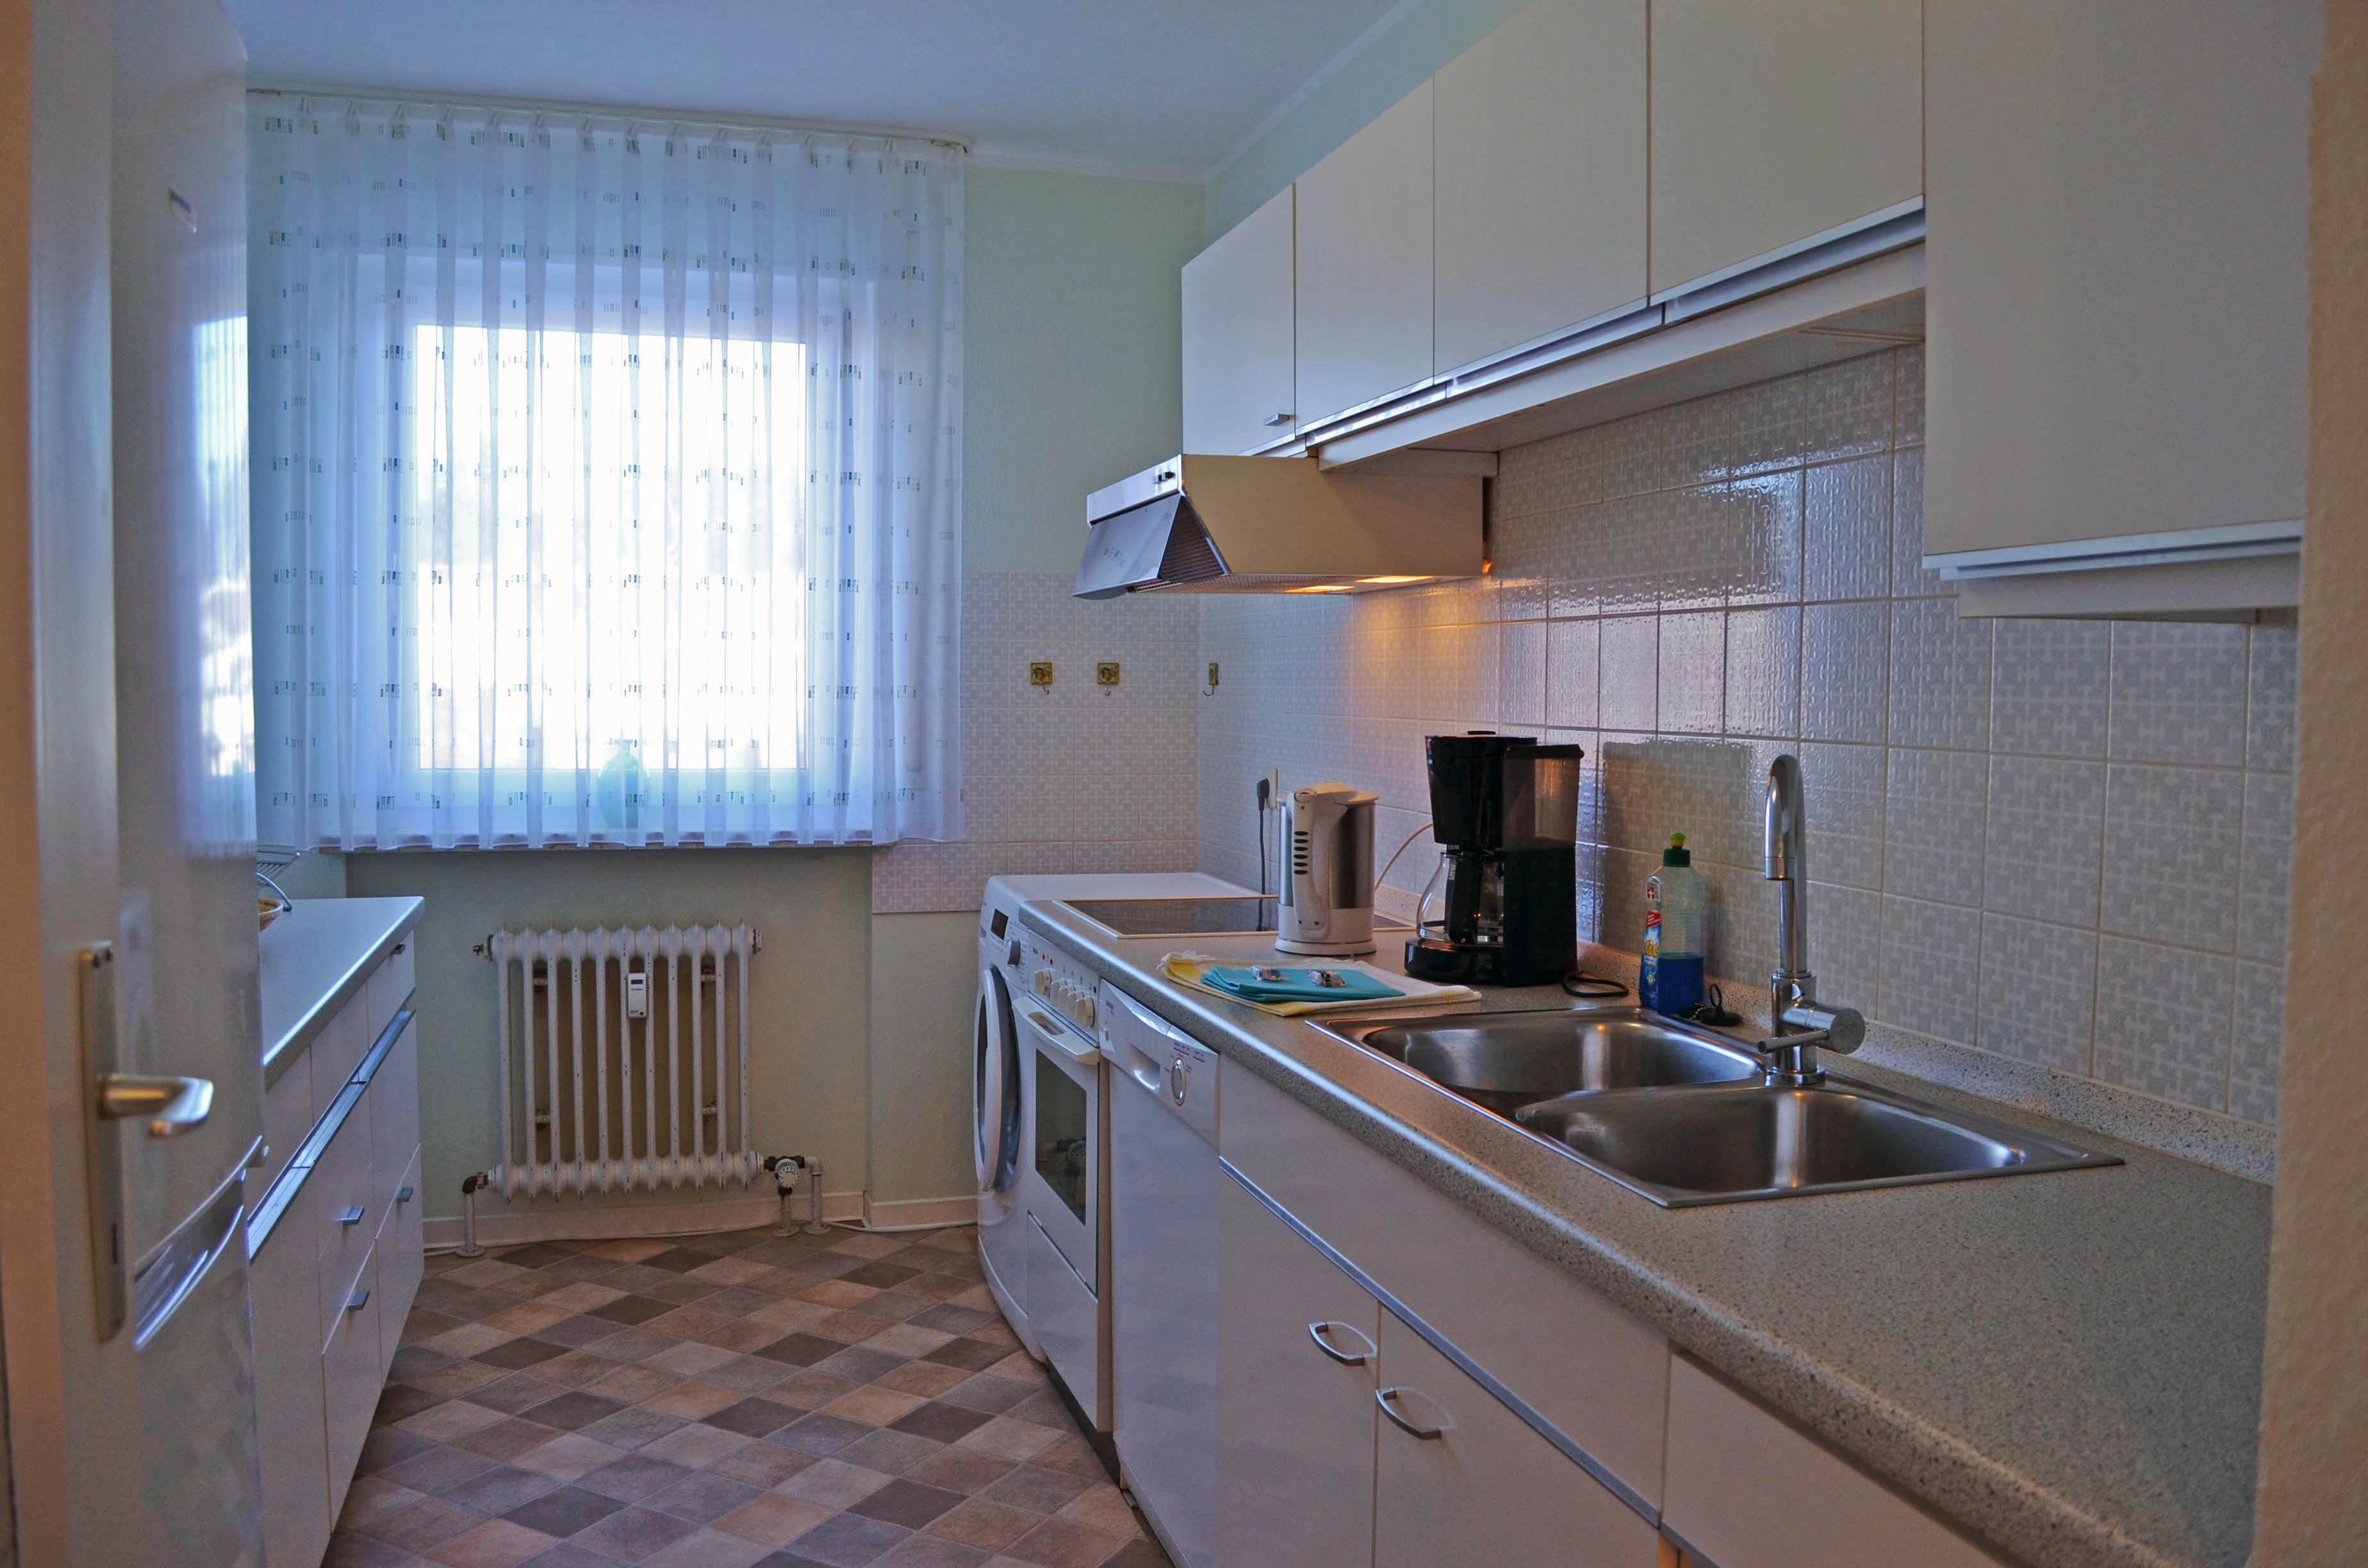 alpenland ferienwohnungen allg u wohnung dors. Black Bedroom Furniture Sets. Home Design Ideas